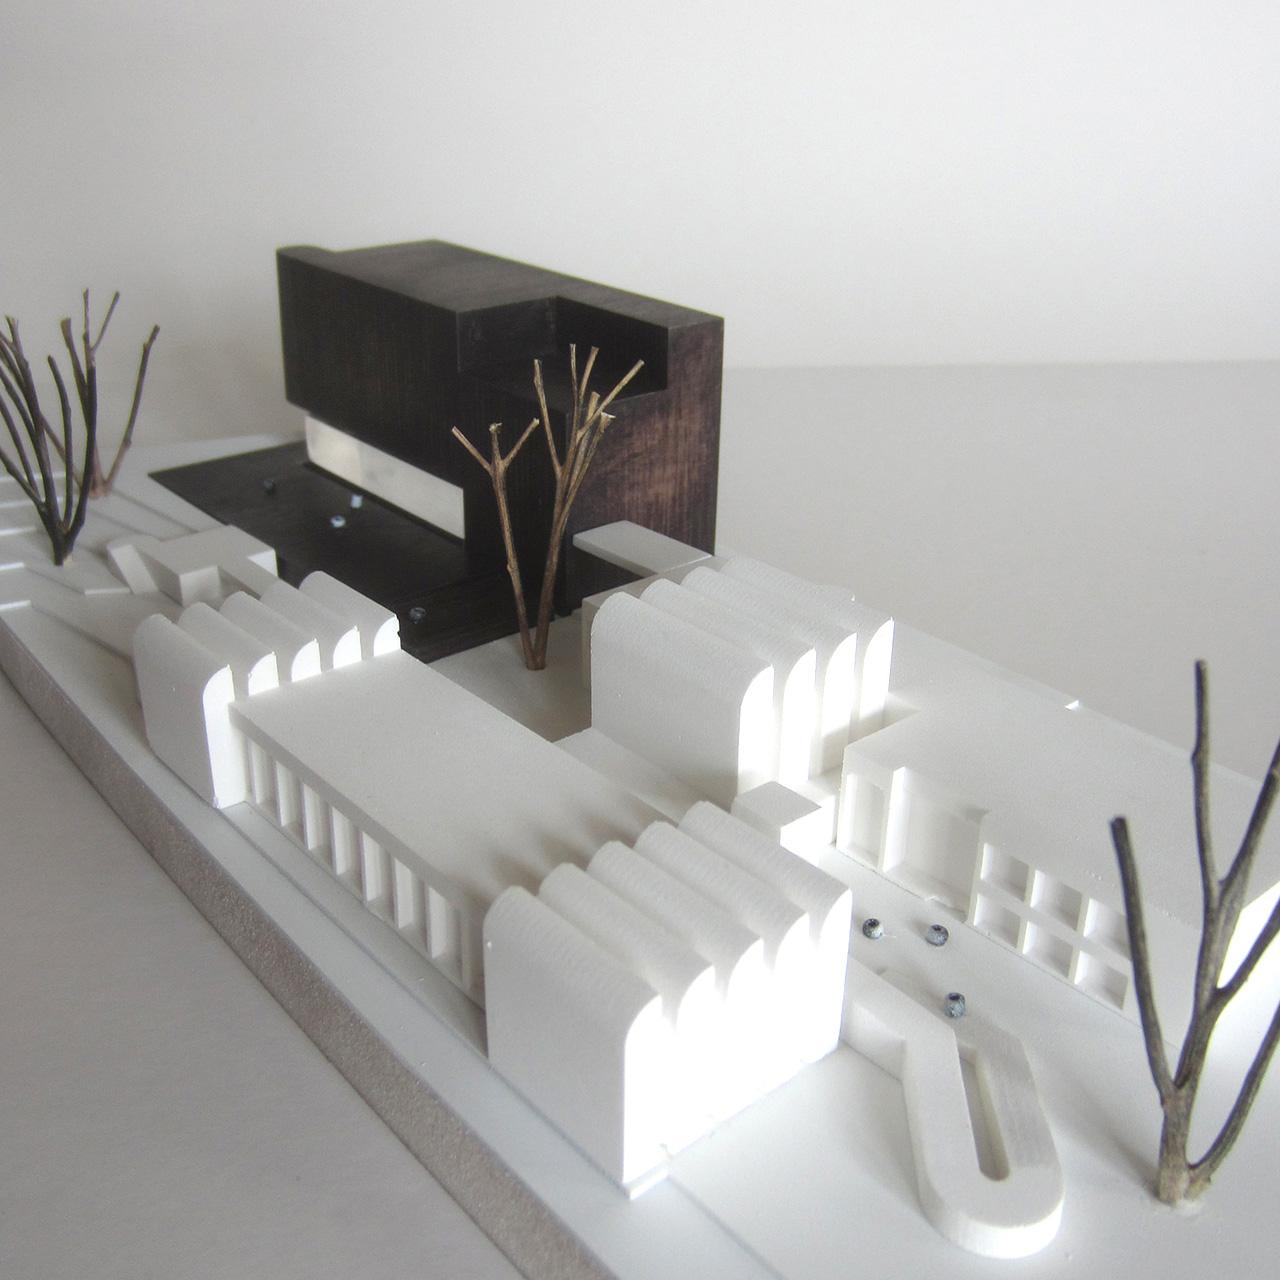 Wettbewerb Bauhaus-Archiv Museum für Gestaltung Berlin, Modell